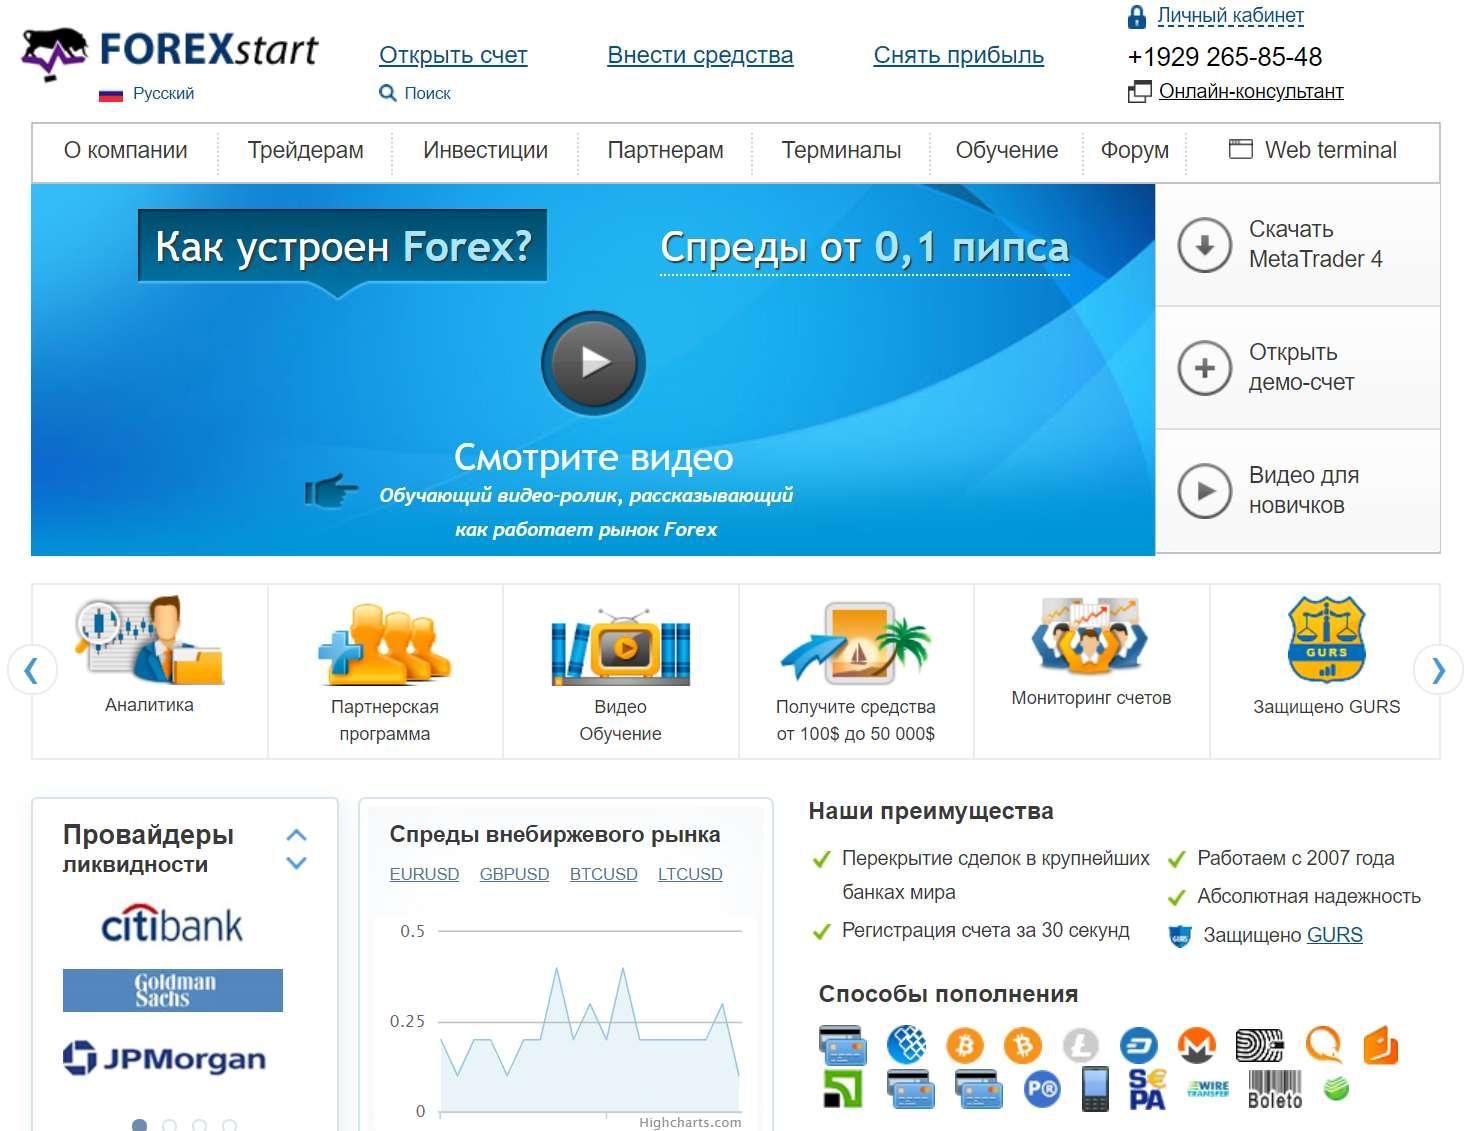 Обзор ForexStart.  Отзывы о проекте с признаками развода.